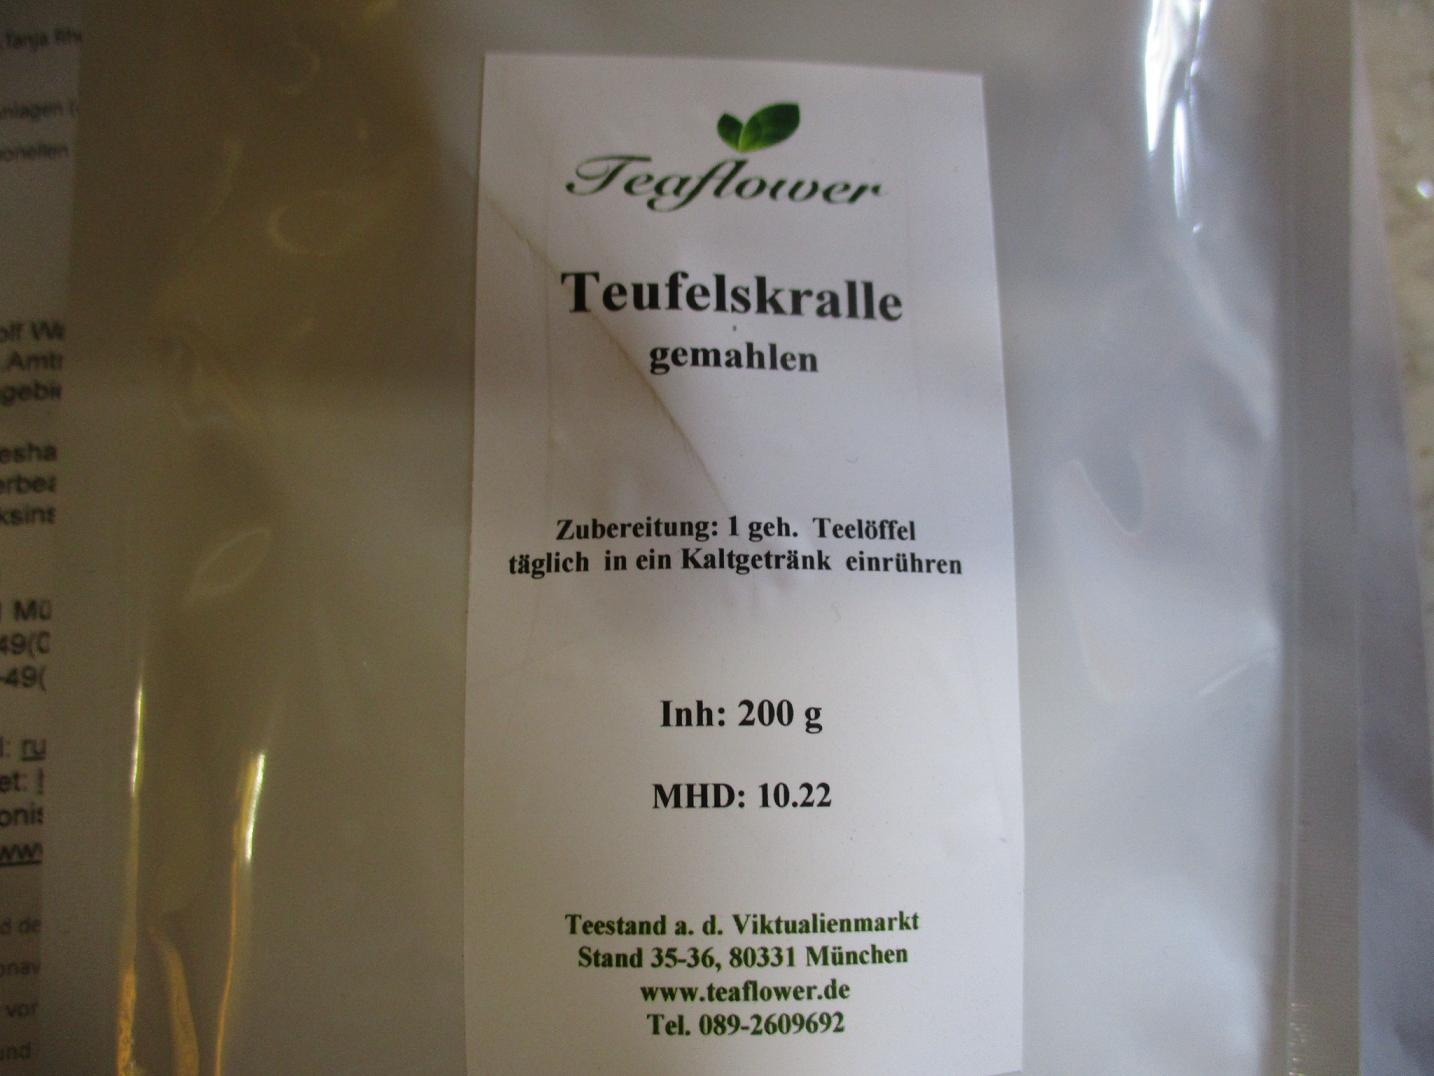 Teaflower Teufelskralle gemahlen